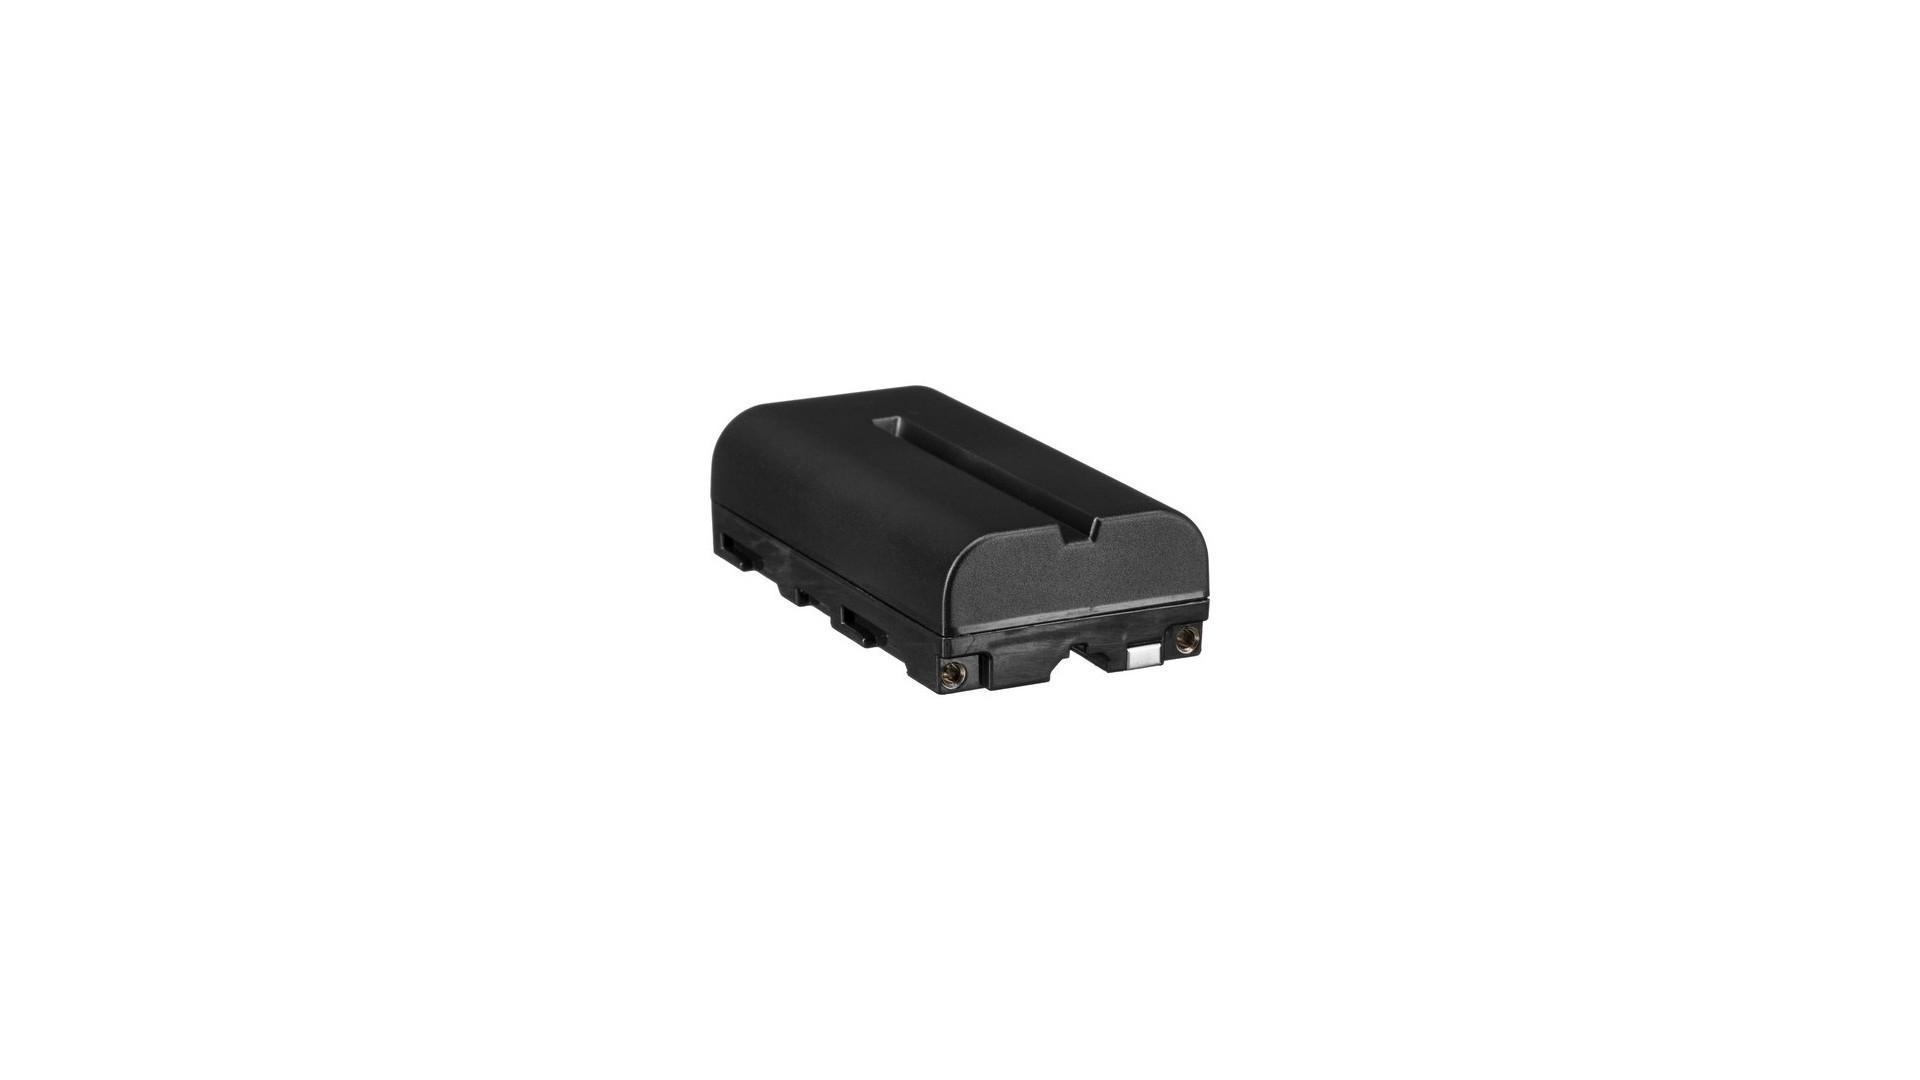 Batterie NP-F570 - Blackmagic